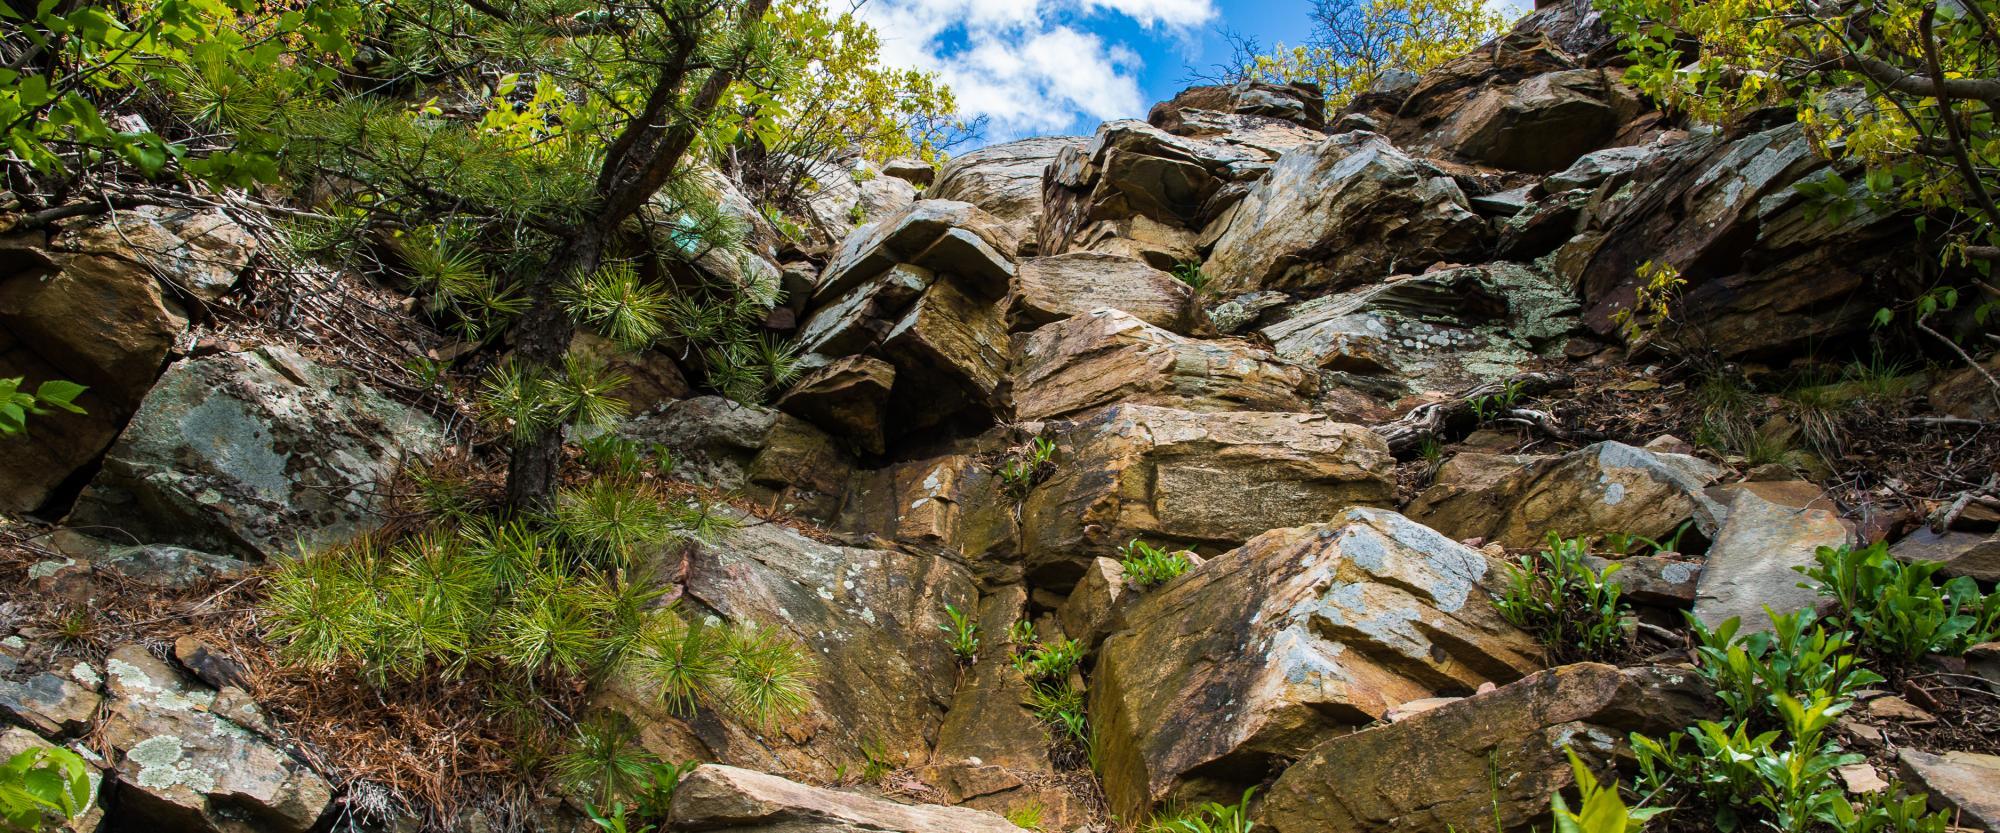 Schunemunk Mountain. Photo by Steve Aaron.